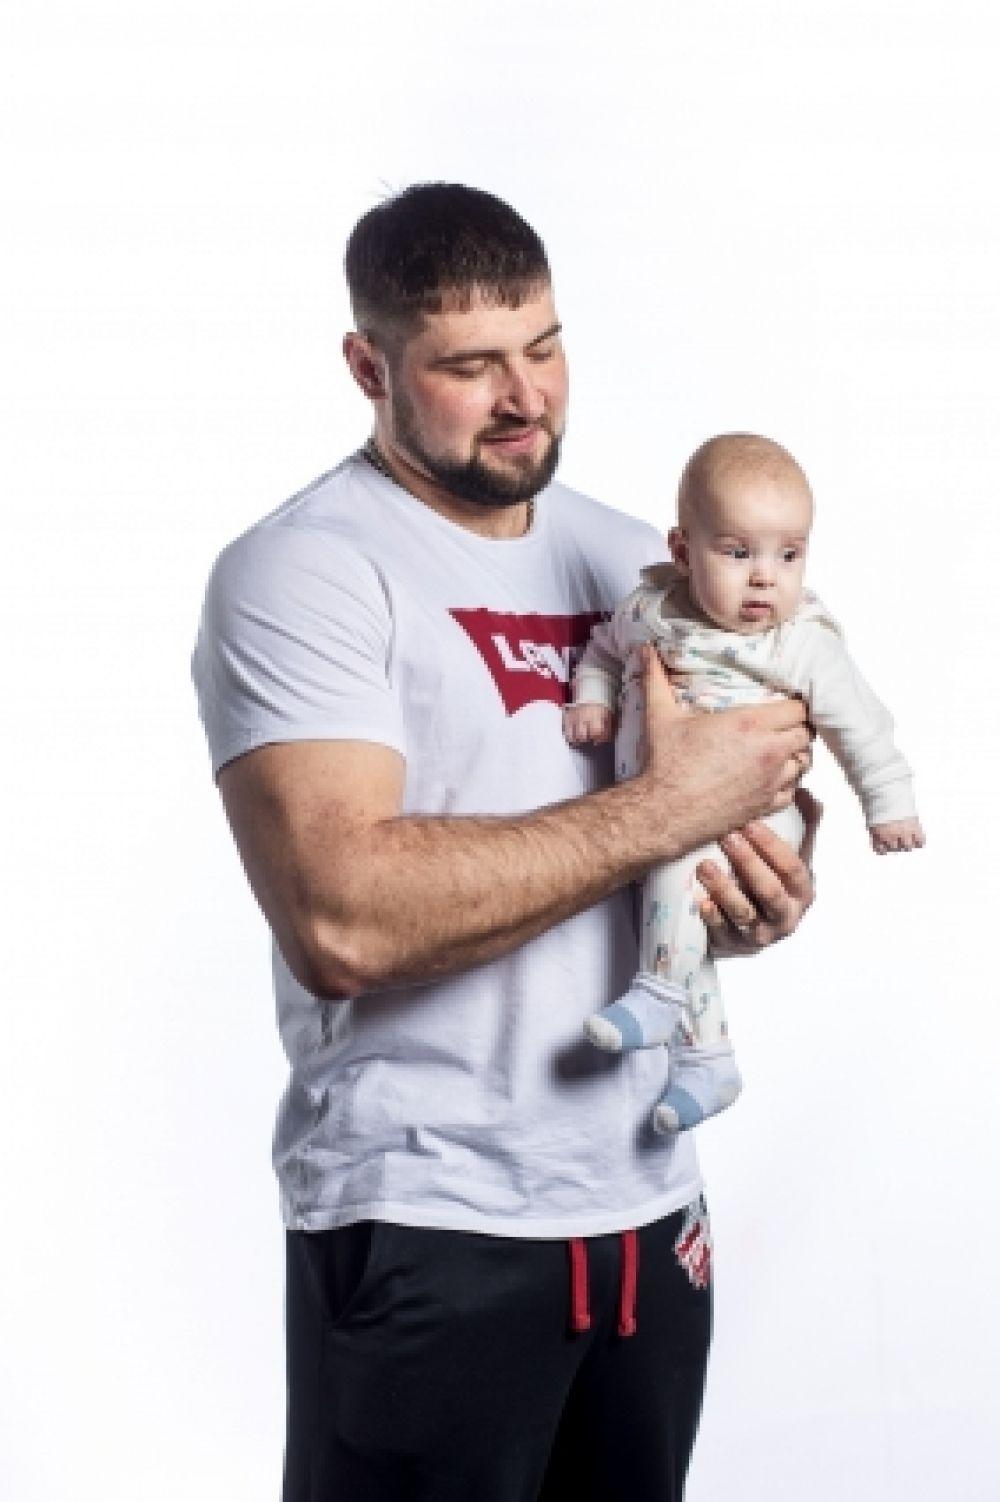 Виталий Лалетин - заслуженный мастер спорта России, семикратный чемпион Европы, семикратный чемпион мира по армрестлингу.